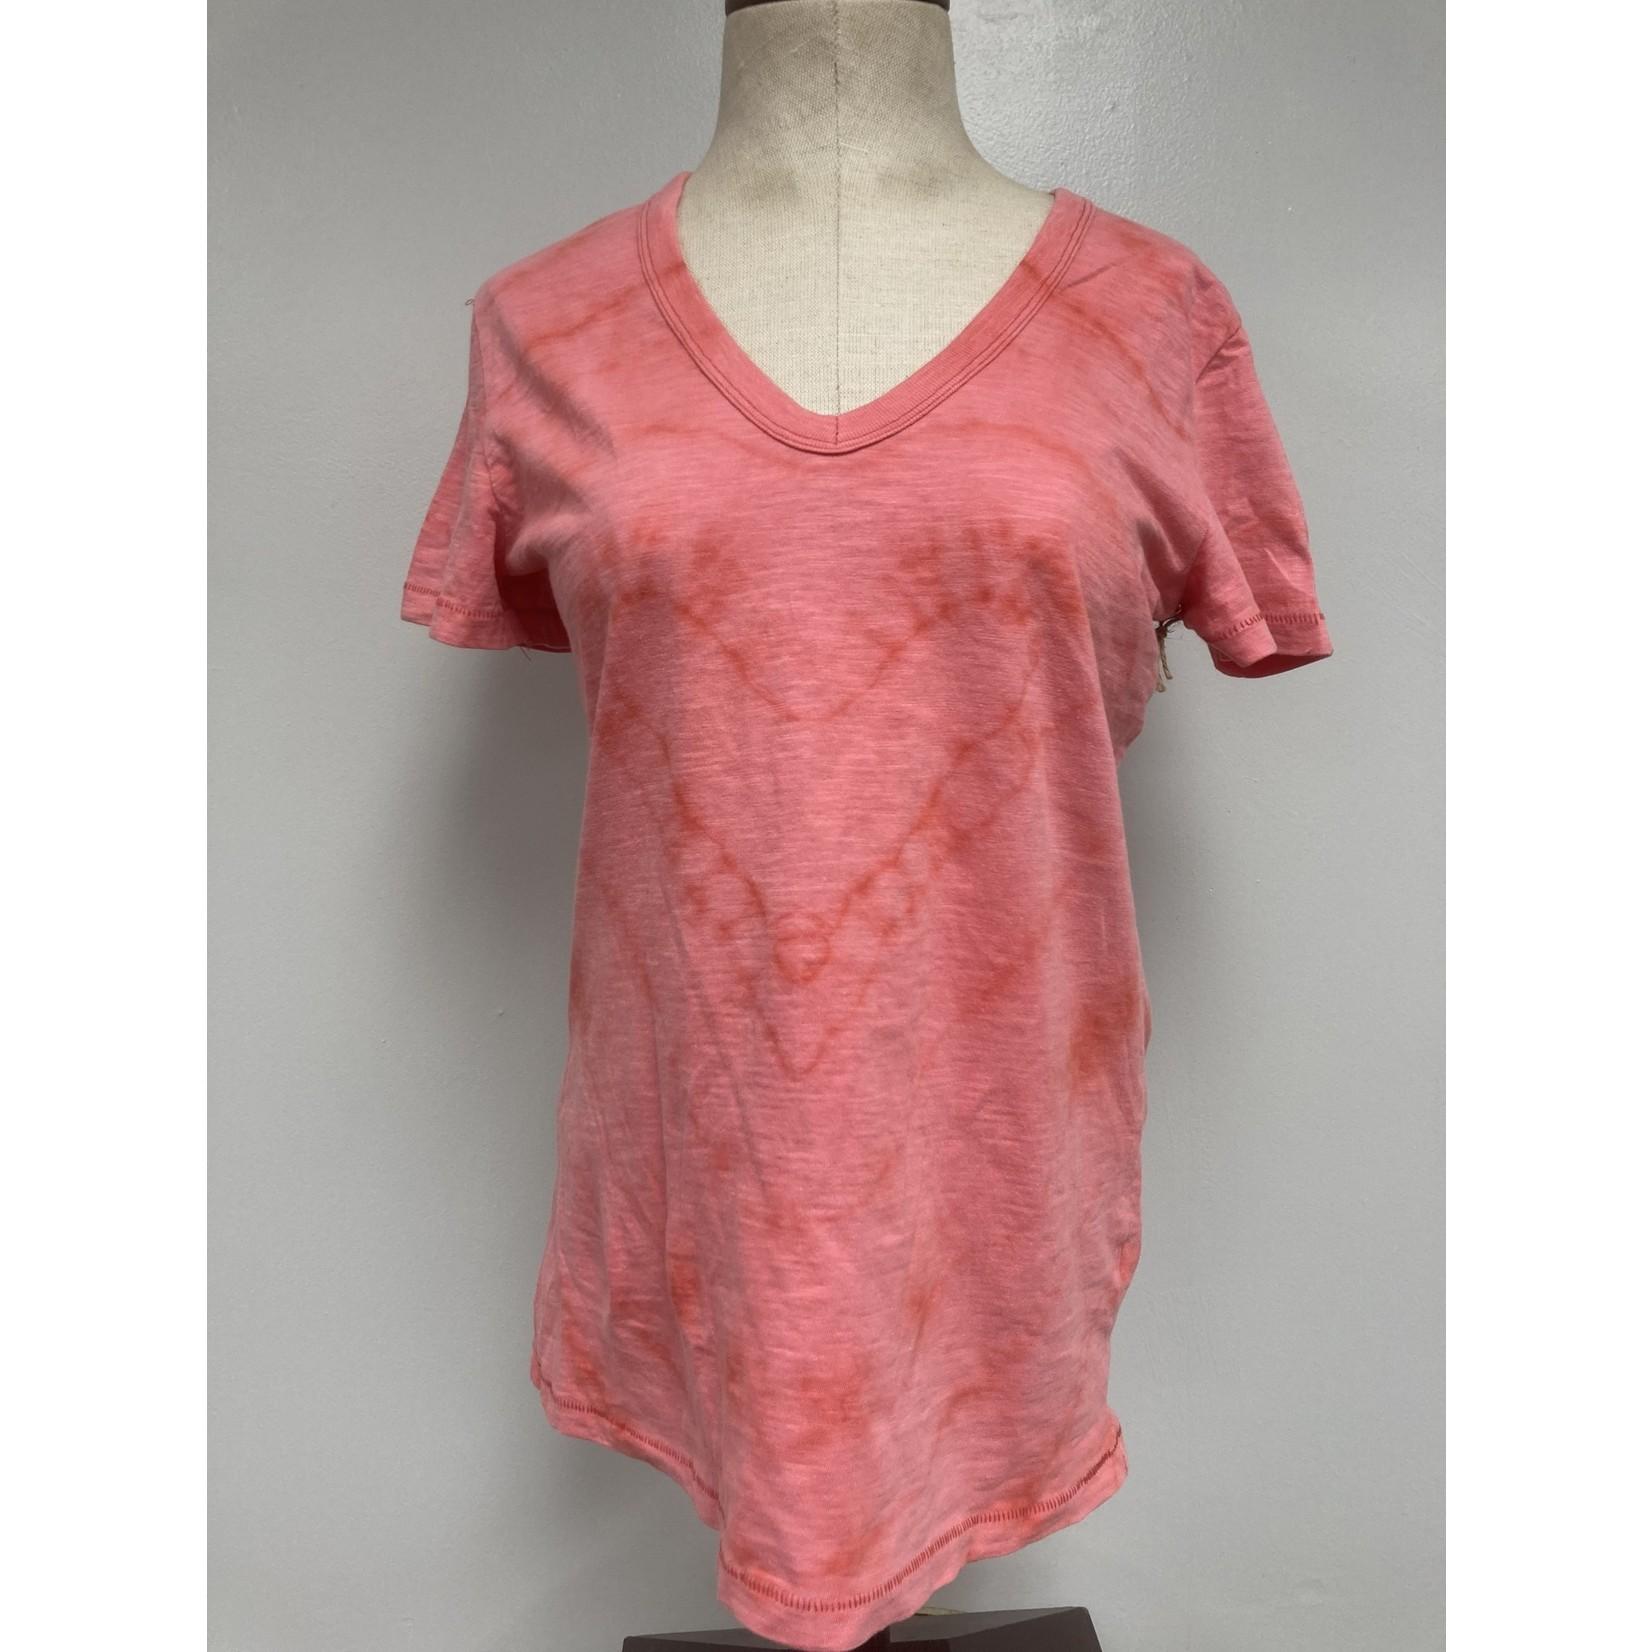 Allie Bonidy Allie B| Red Heart Tie Dye Shirt - S